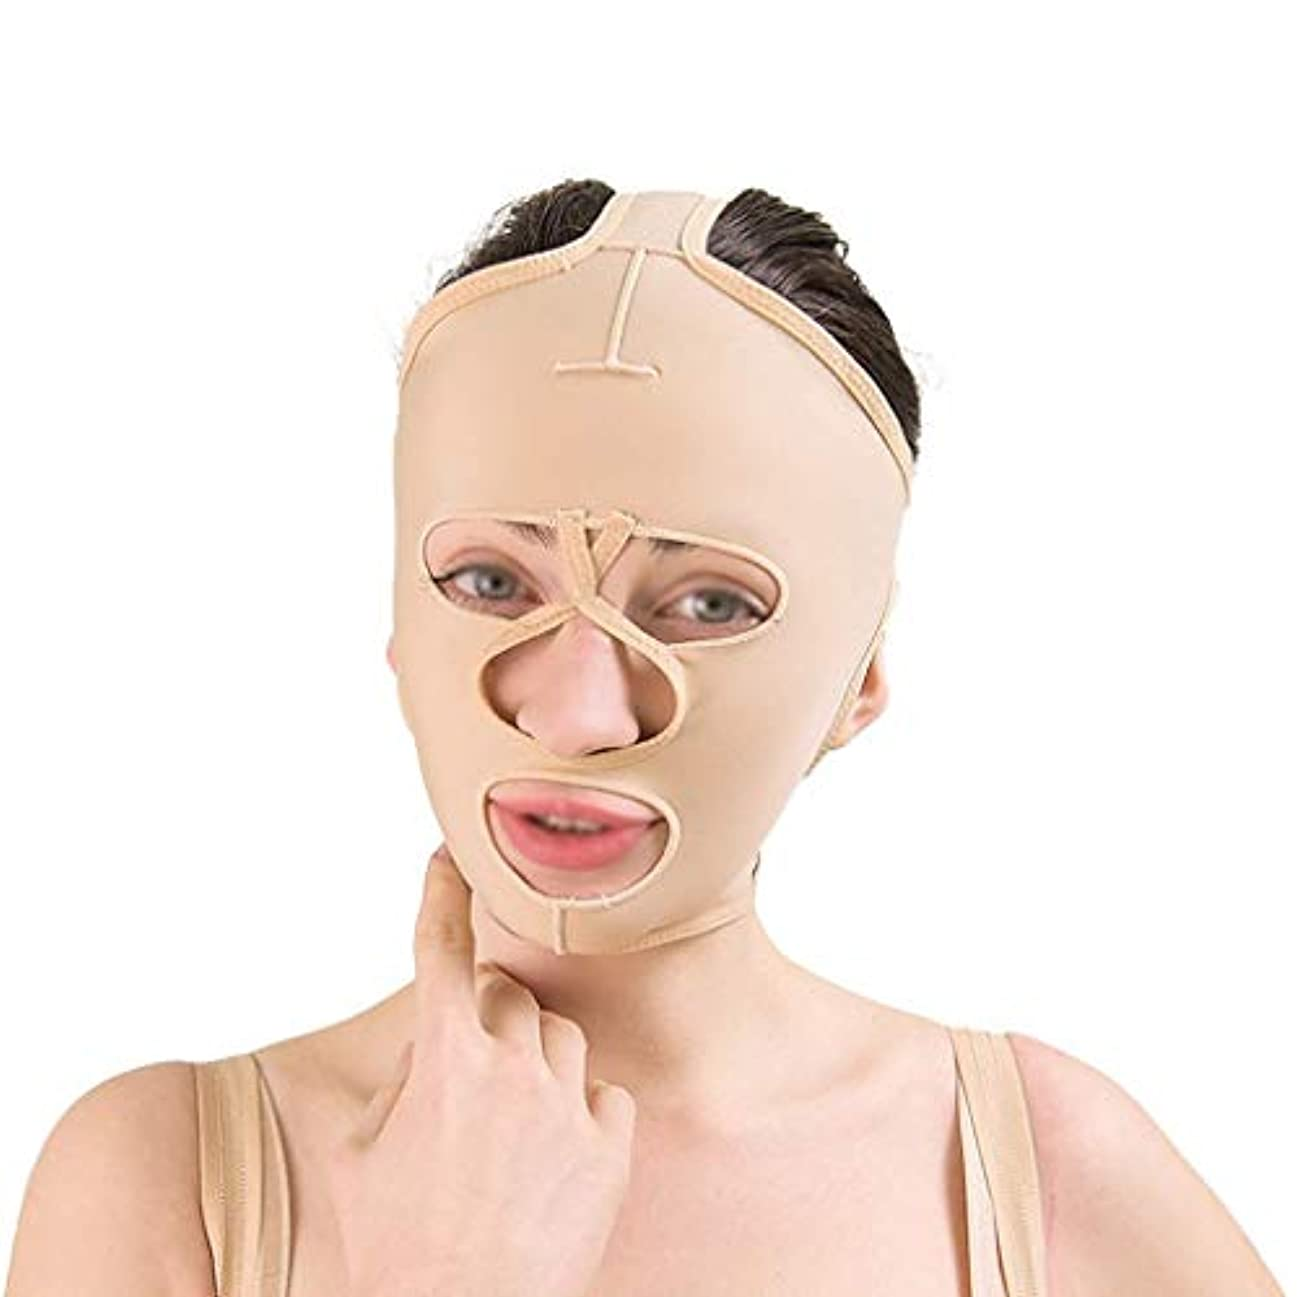 四面体マーガレットミッチェル雇用者フェイシャルリフティングツール、フェイシャルビューティーリフティングマスク、通気性引き締めリフティングフェイシャル包帯、フェイシャルタイトバンデージ(サイズ:L),M